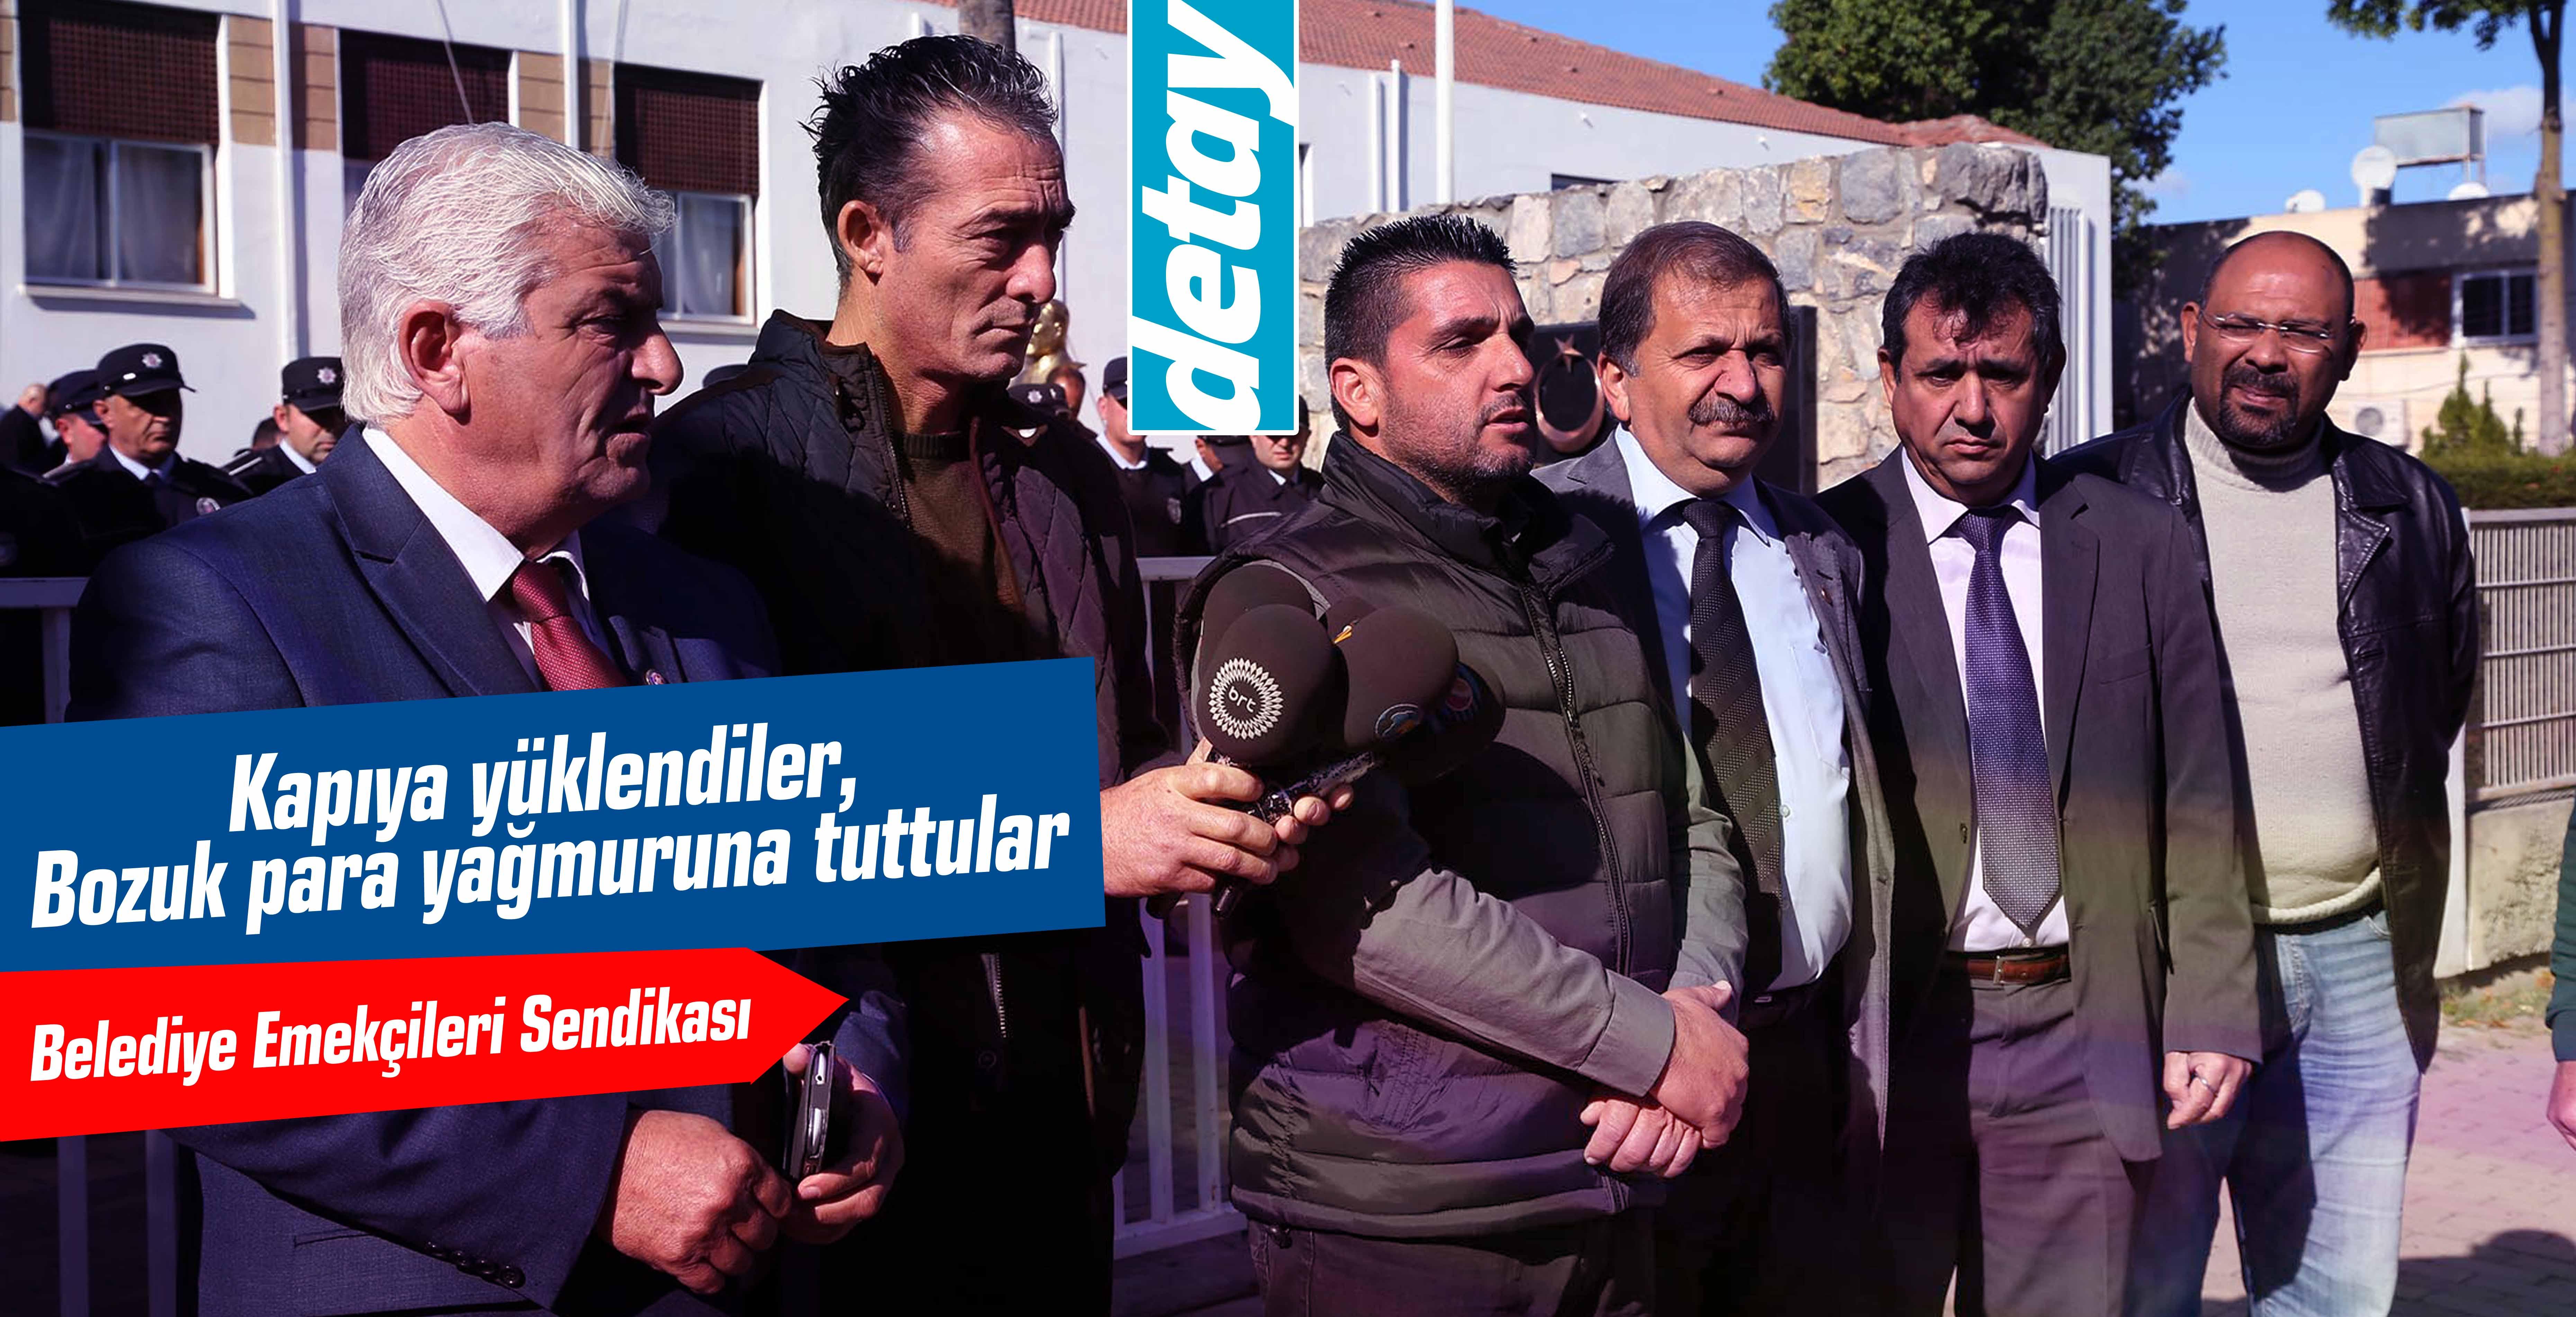 Yenierenköy Belediye çalışanları eylem yaptı